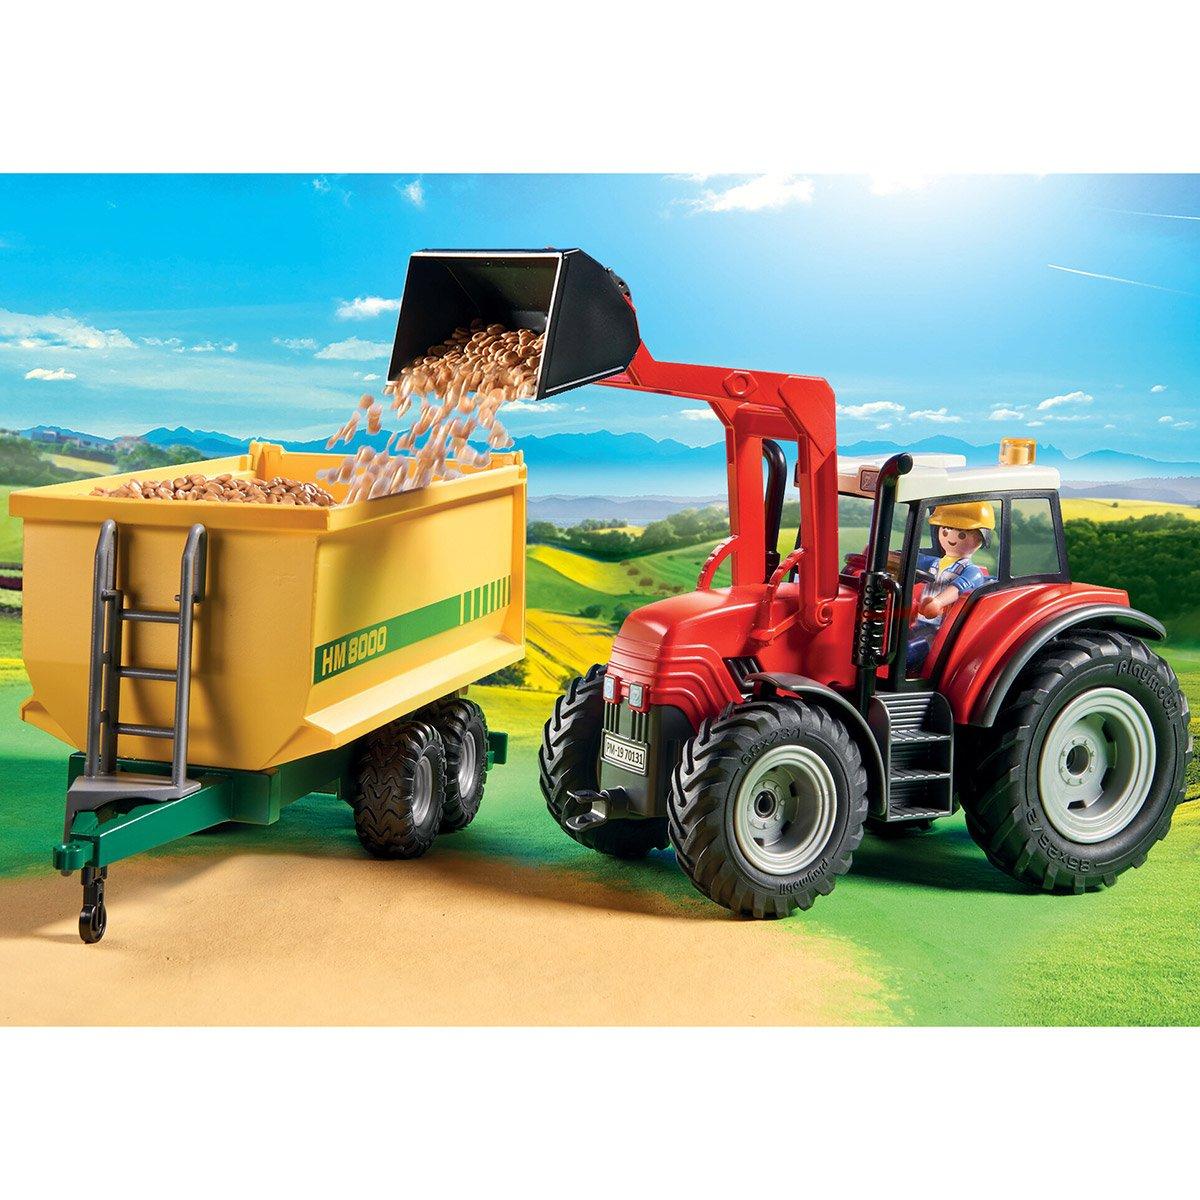 Grand Tracteur Avec Remorque Playmobil Country 70131 à Jeux Gratuit Tracteur A La Ferme